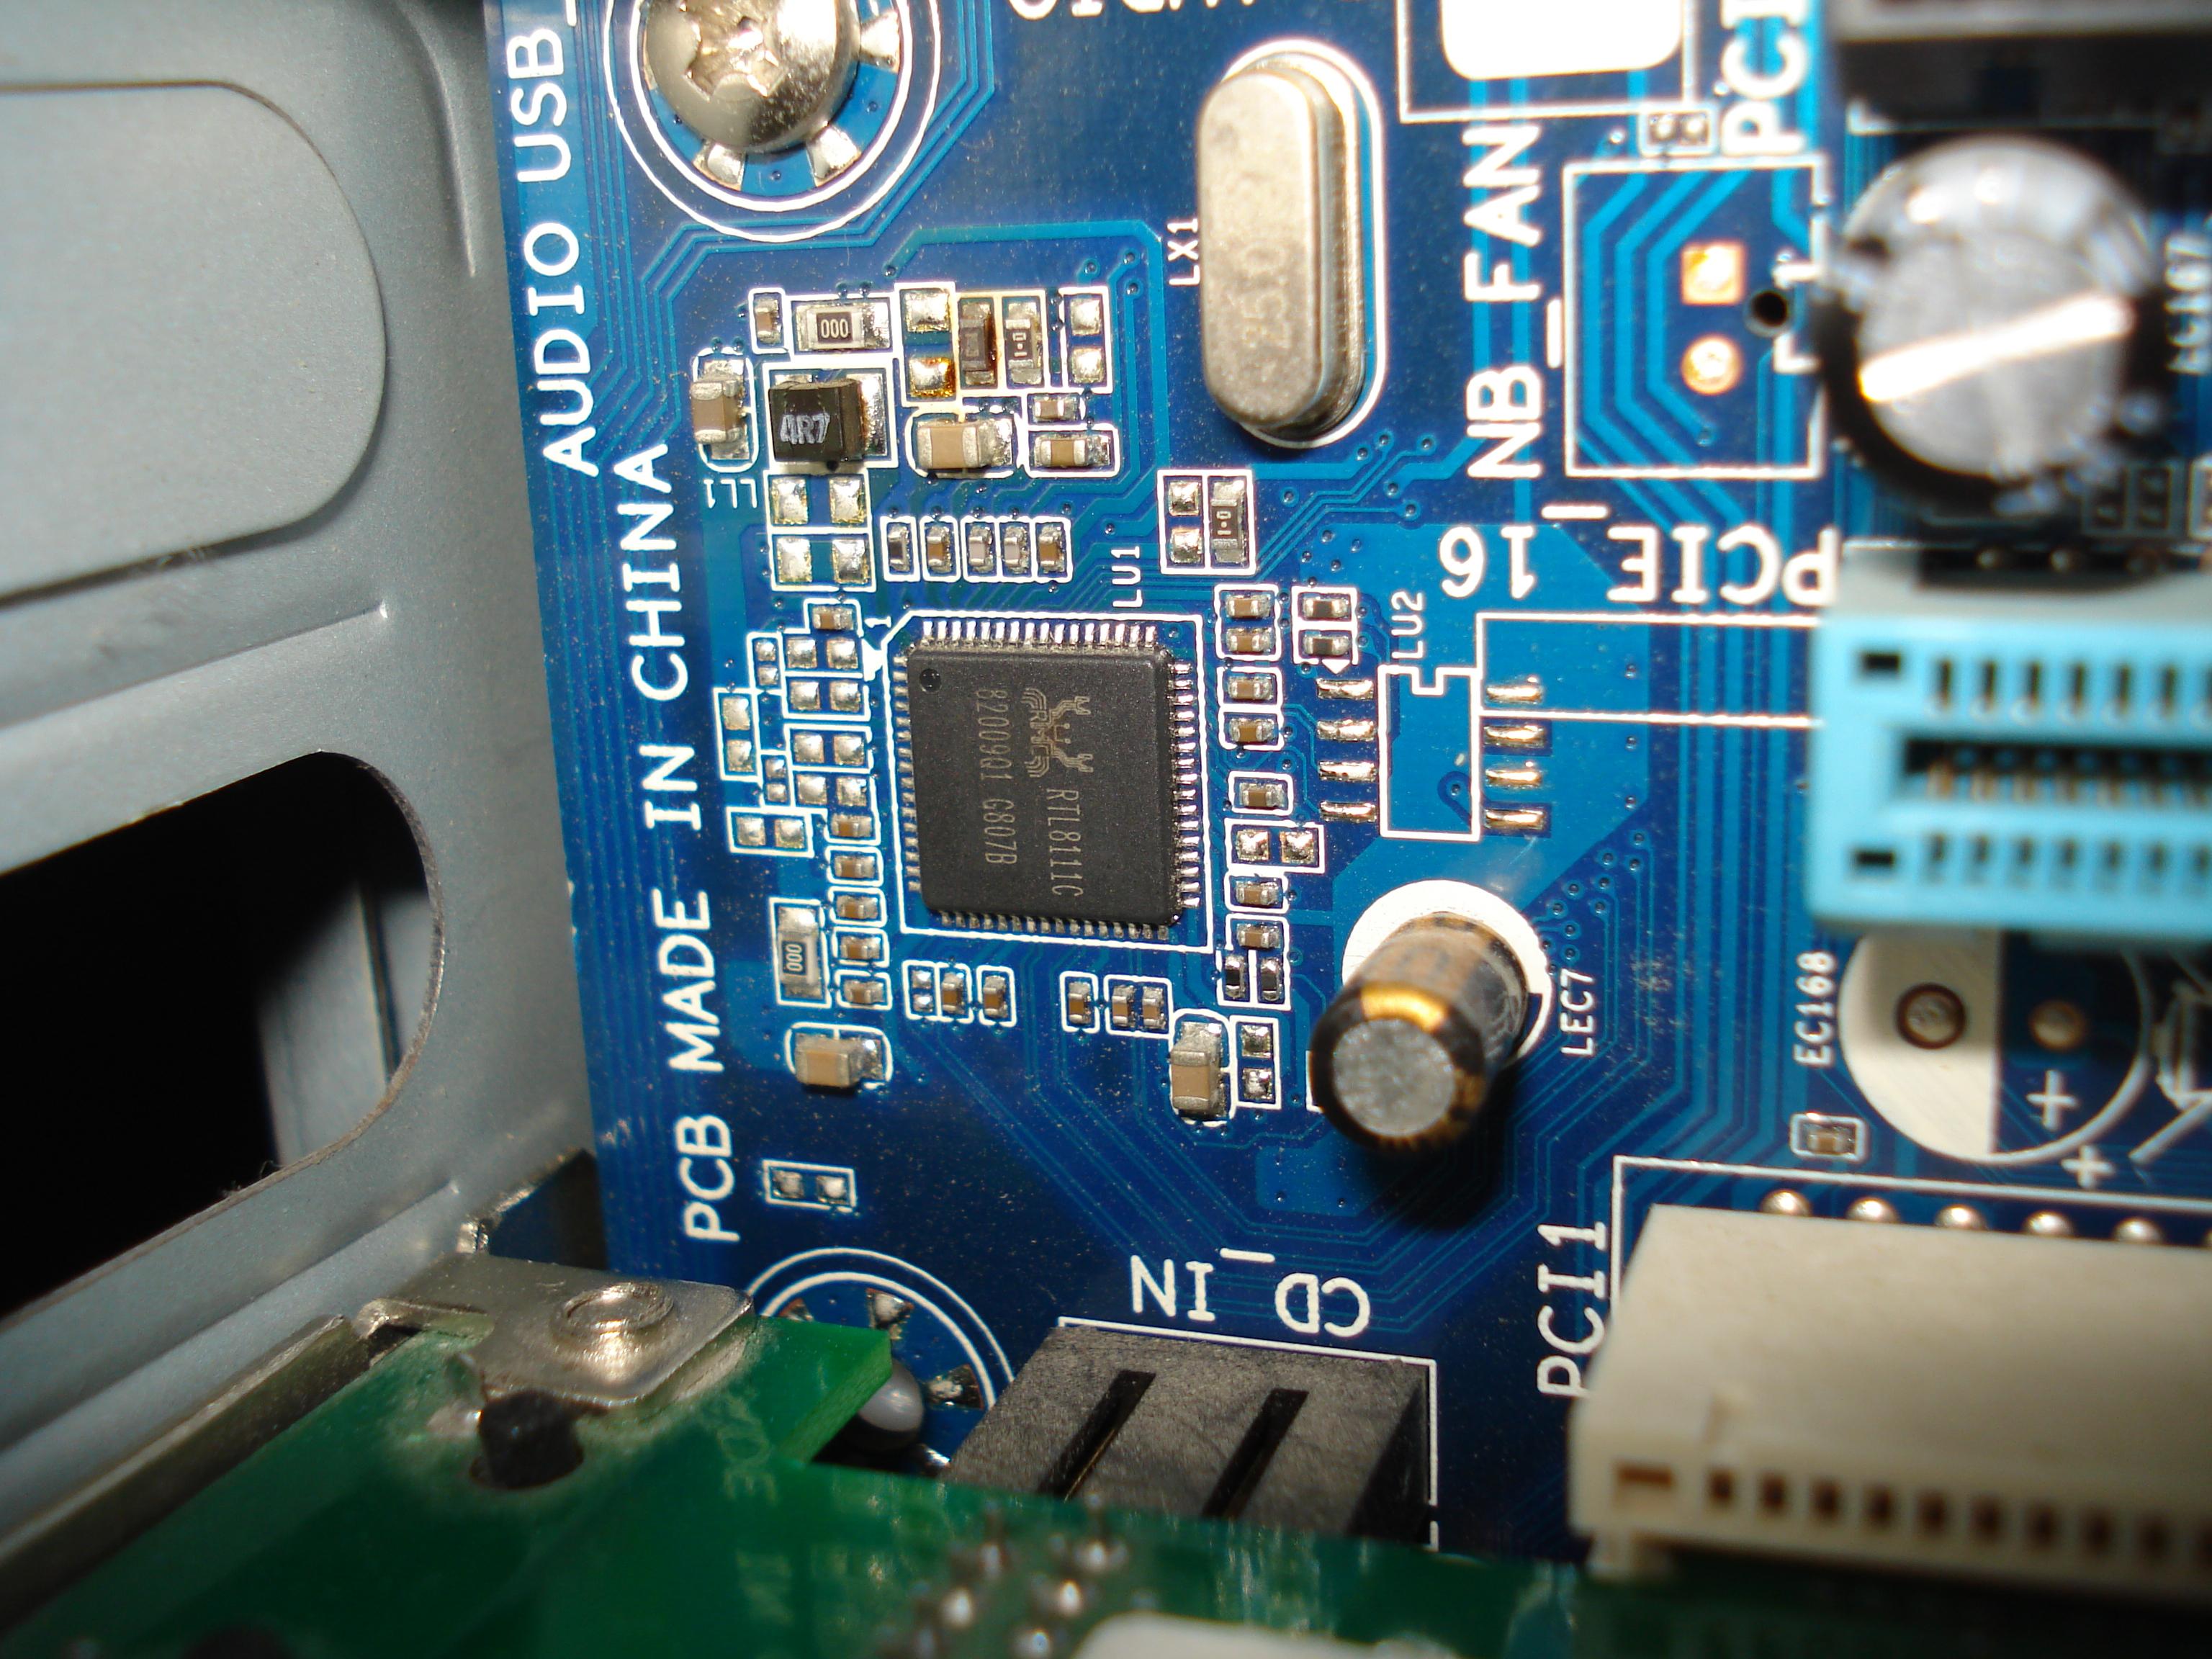 Gigabyte GA-MA74GM-S2H sprz�towe od��czenie zintegrowanego LANa